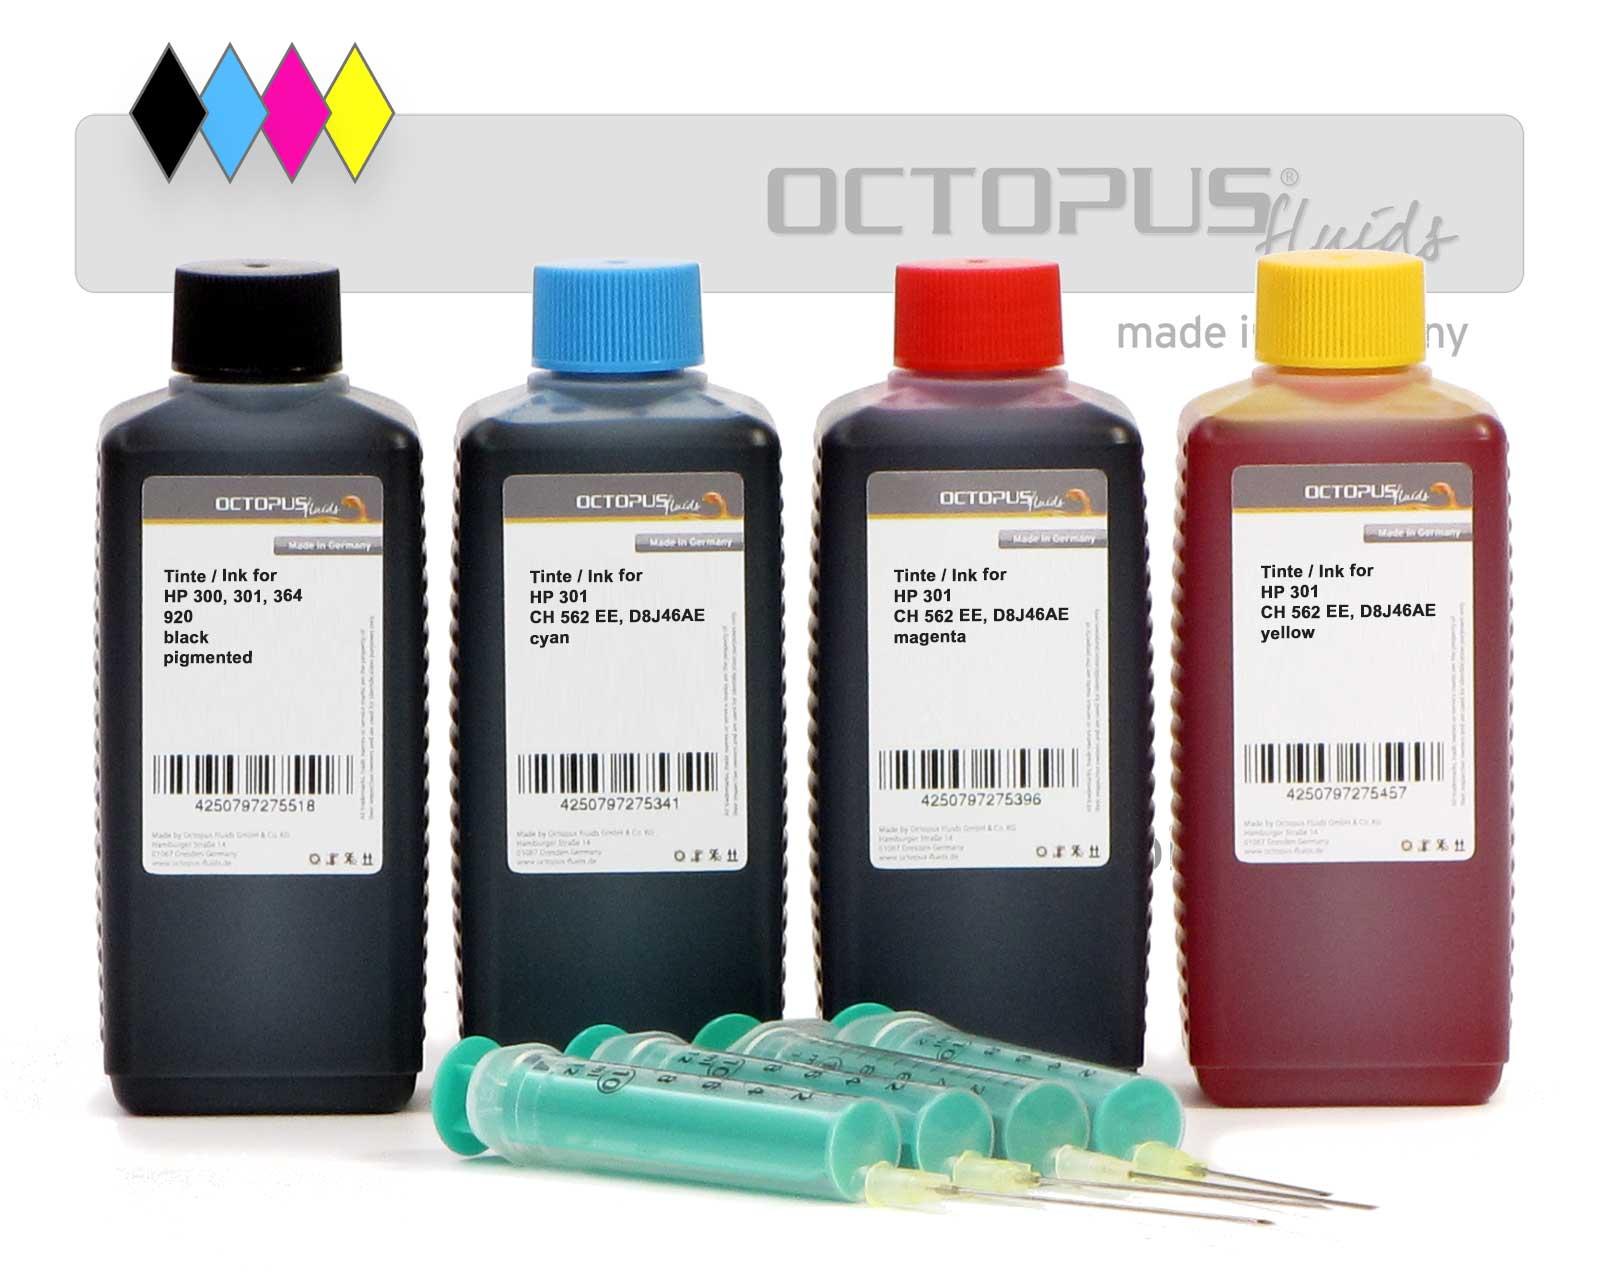 Druckertinten Komplettset für HP 301, alle vier Druckerfarben inkl. Refillzubehör